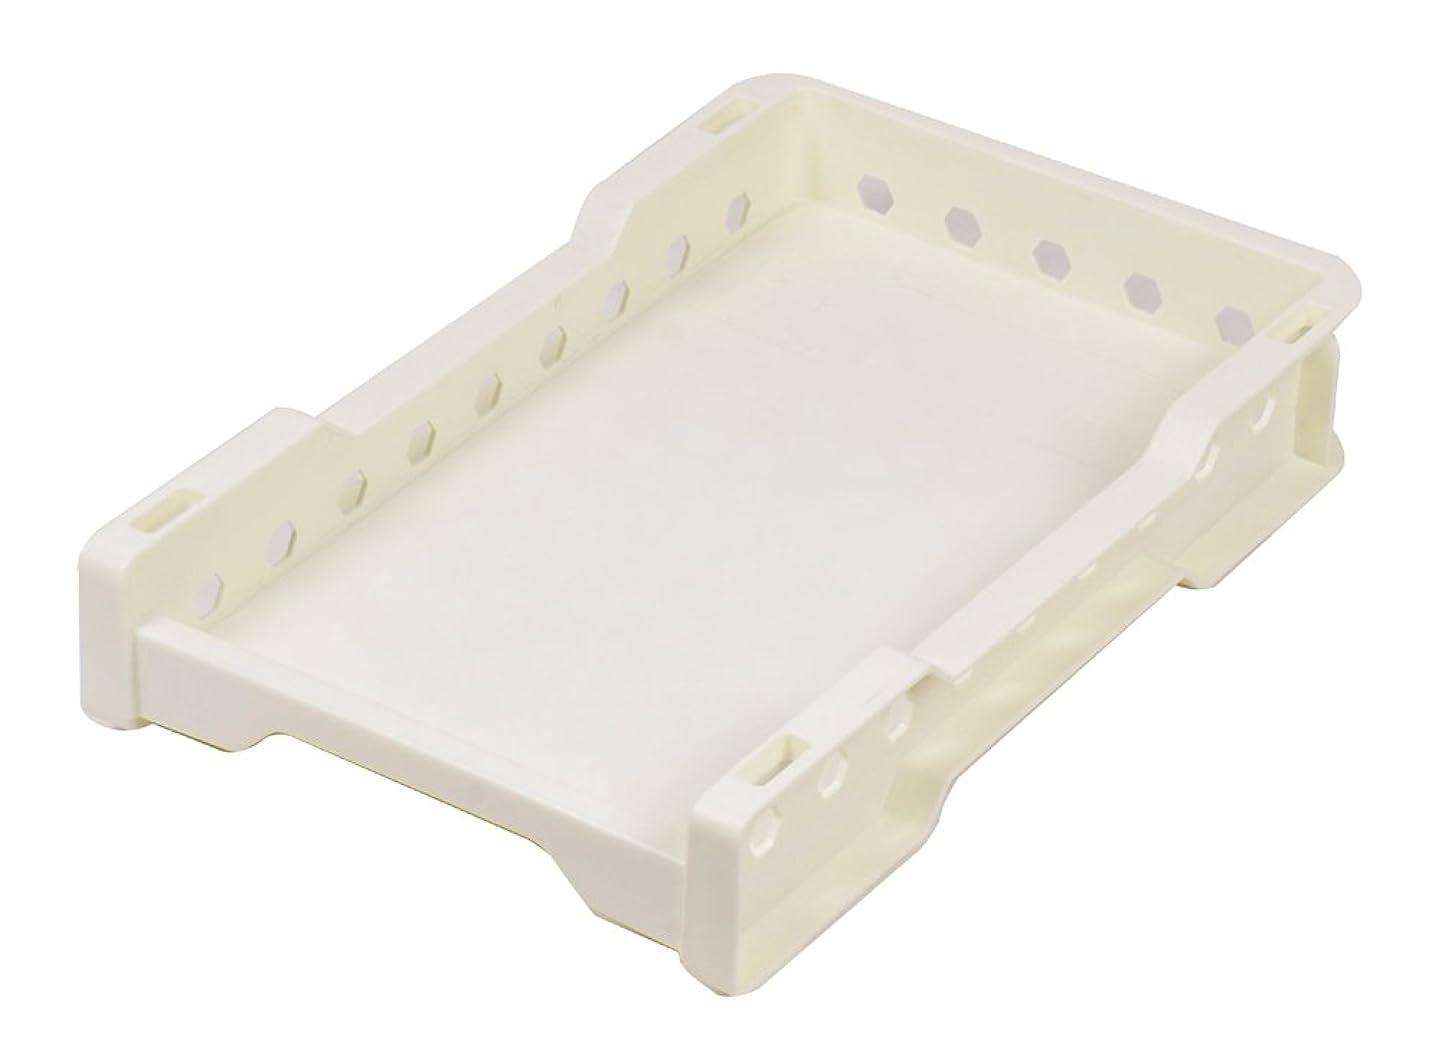 ふざけたインカ帝国天窓パール金属 デコレ スタッキング ラック 専用 トレー スリムS ホワイト HB-814